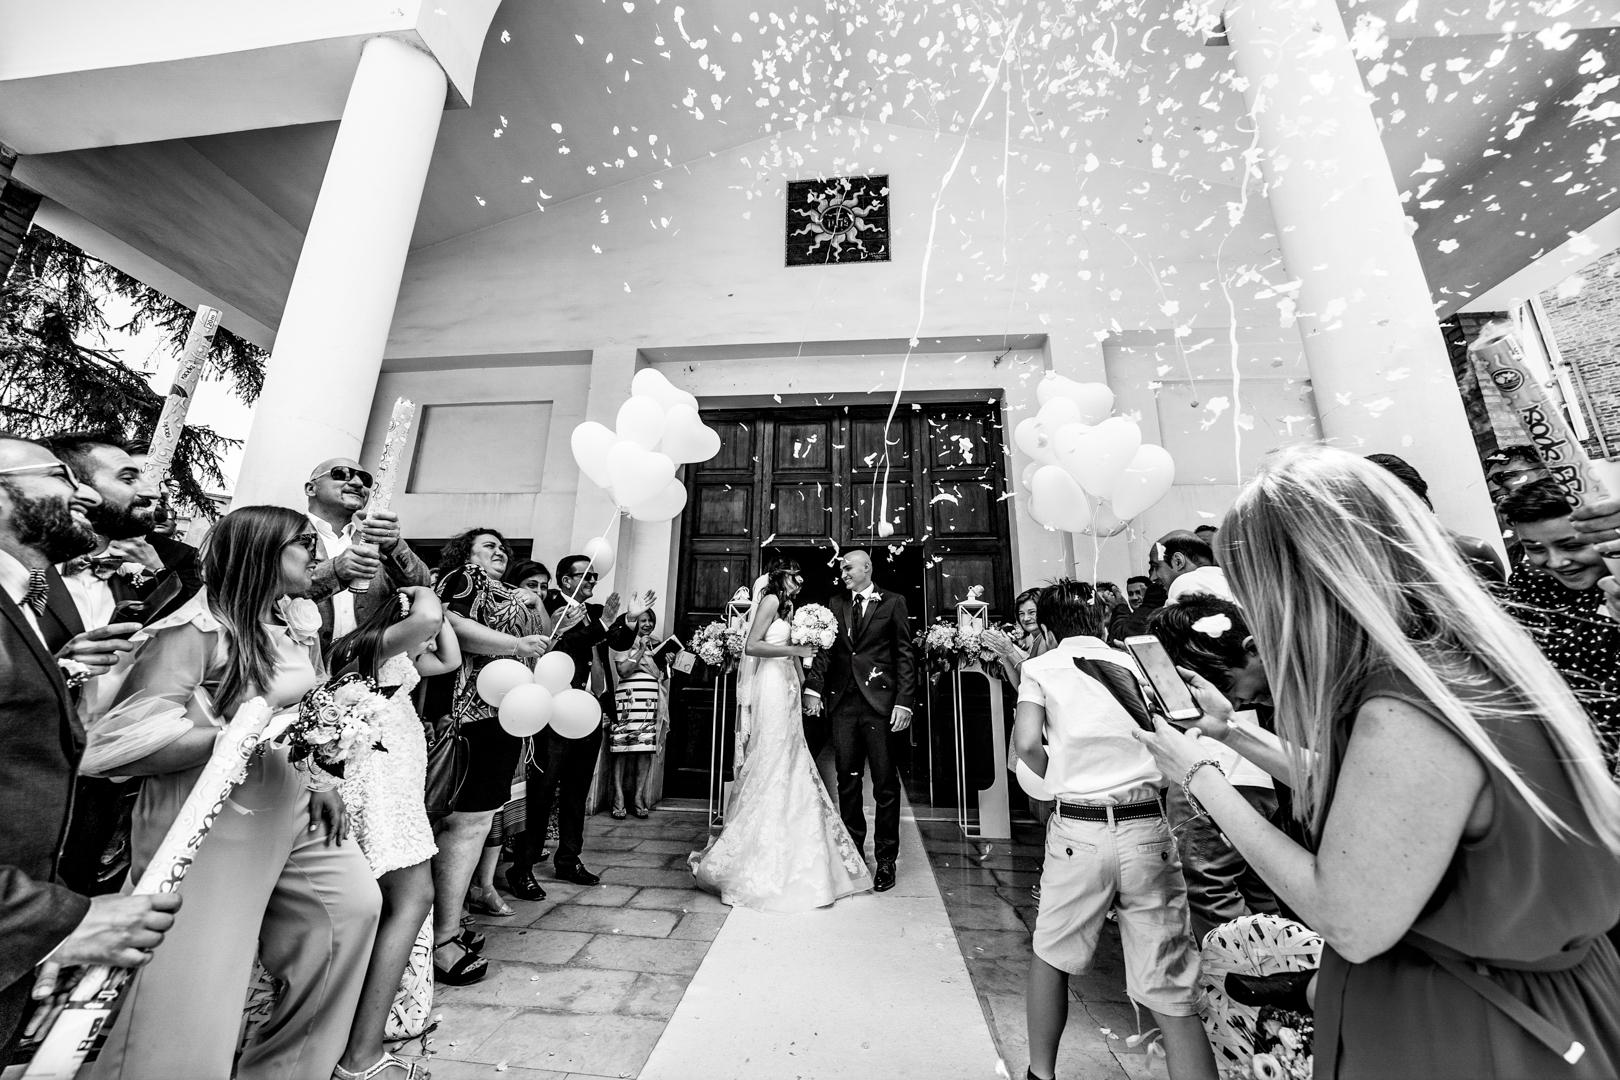 19 gianni-lepore-uscita-chiesa-matrimonio-san-severo